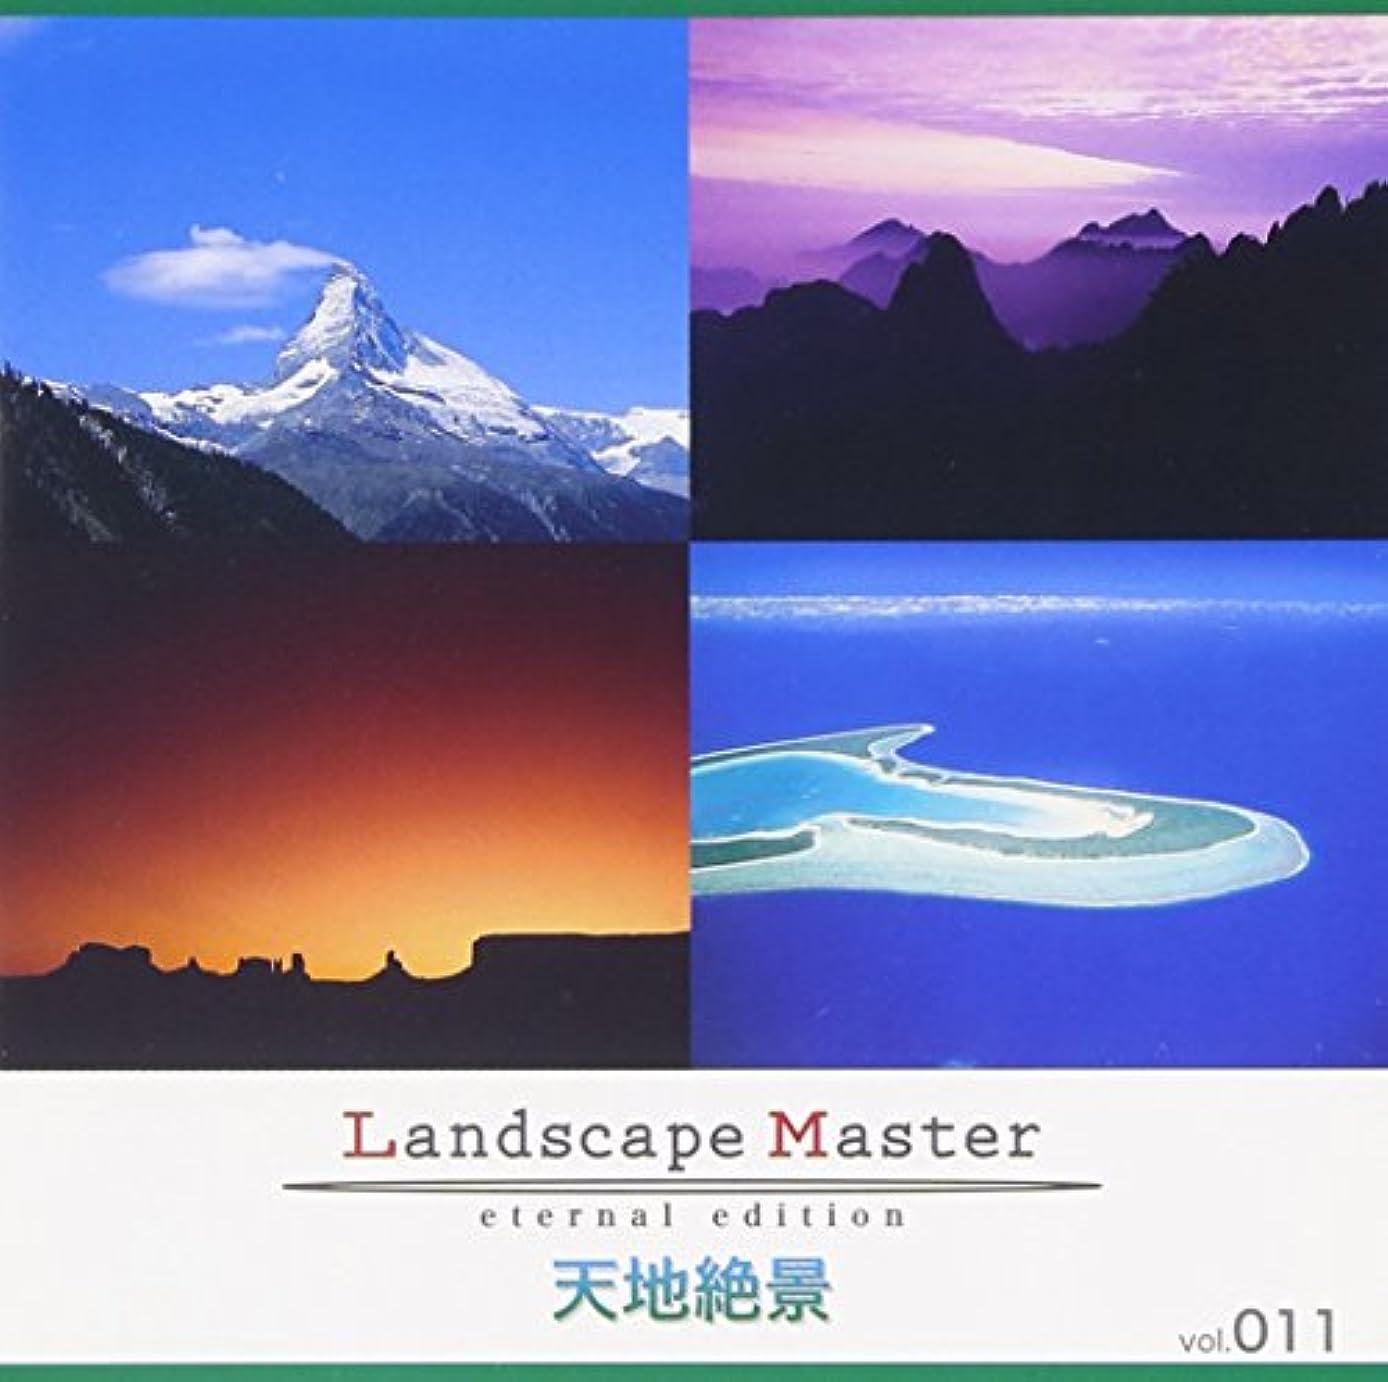 ラグ回想プラットフォームLandscape Master vol.011 天地絶景